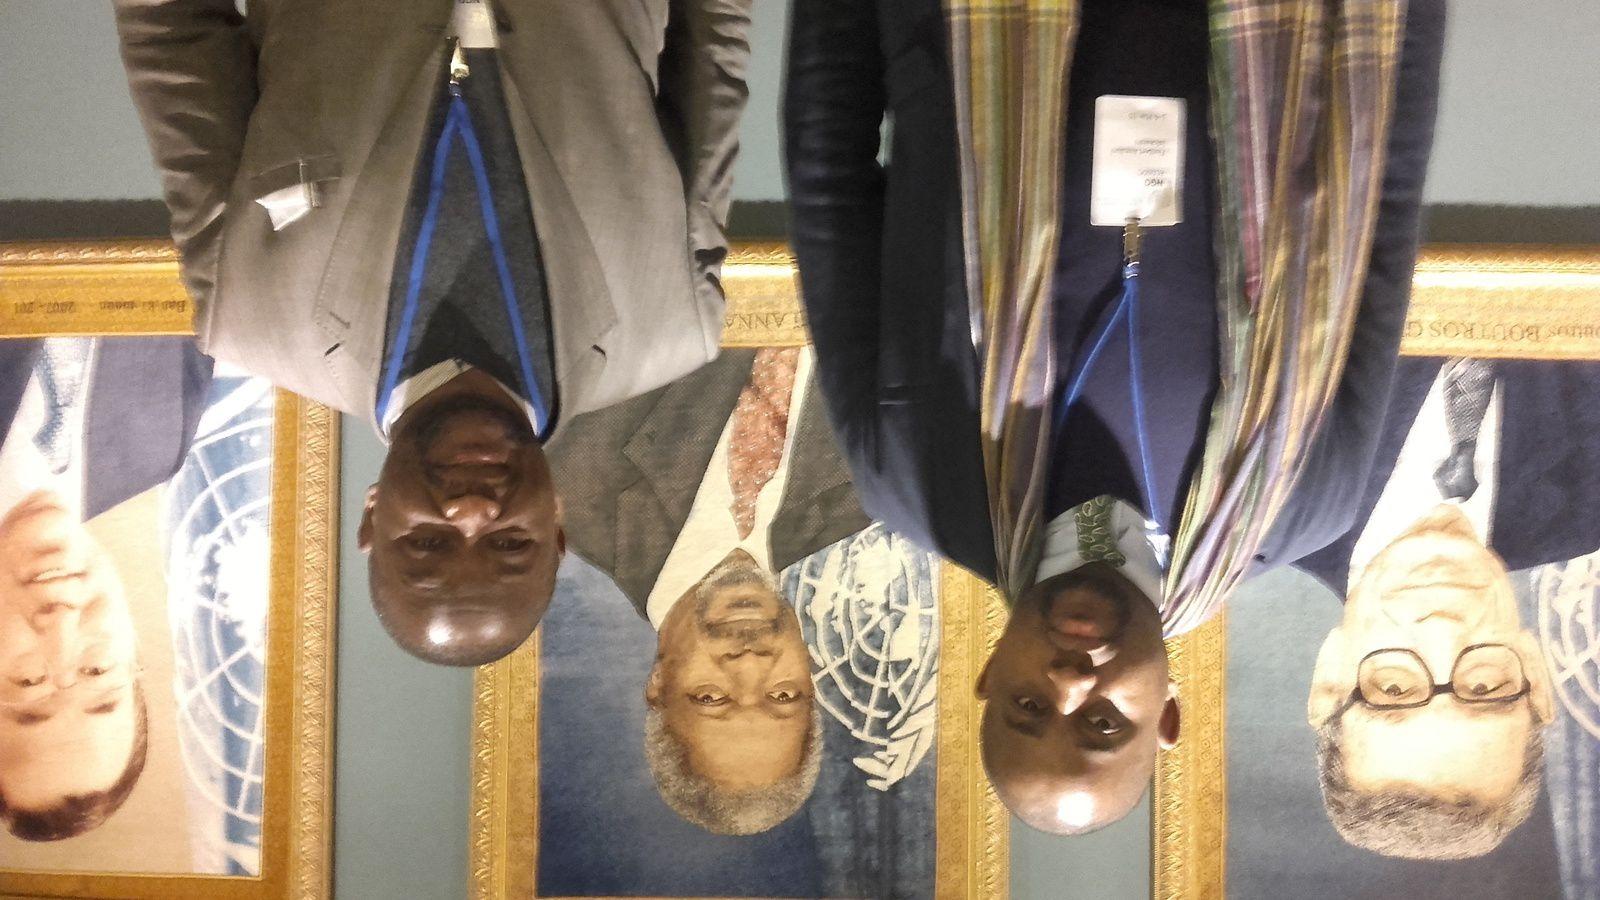 Floribert Anzuluni et Paul Nsapu de retour de New York, « Bientôt des pressions, pour l'alternance en RD Congo »